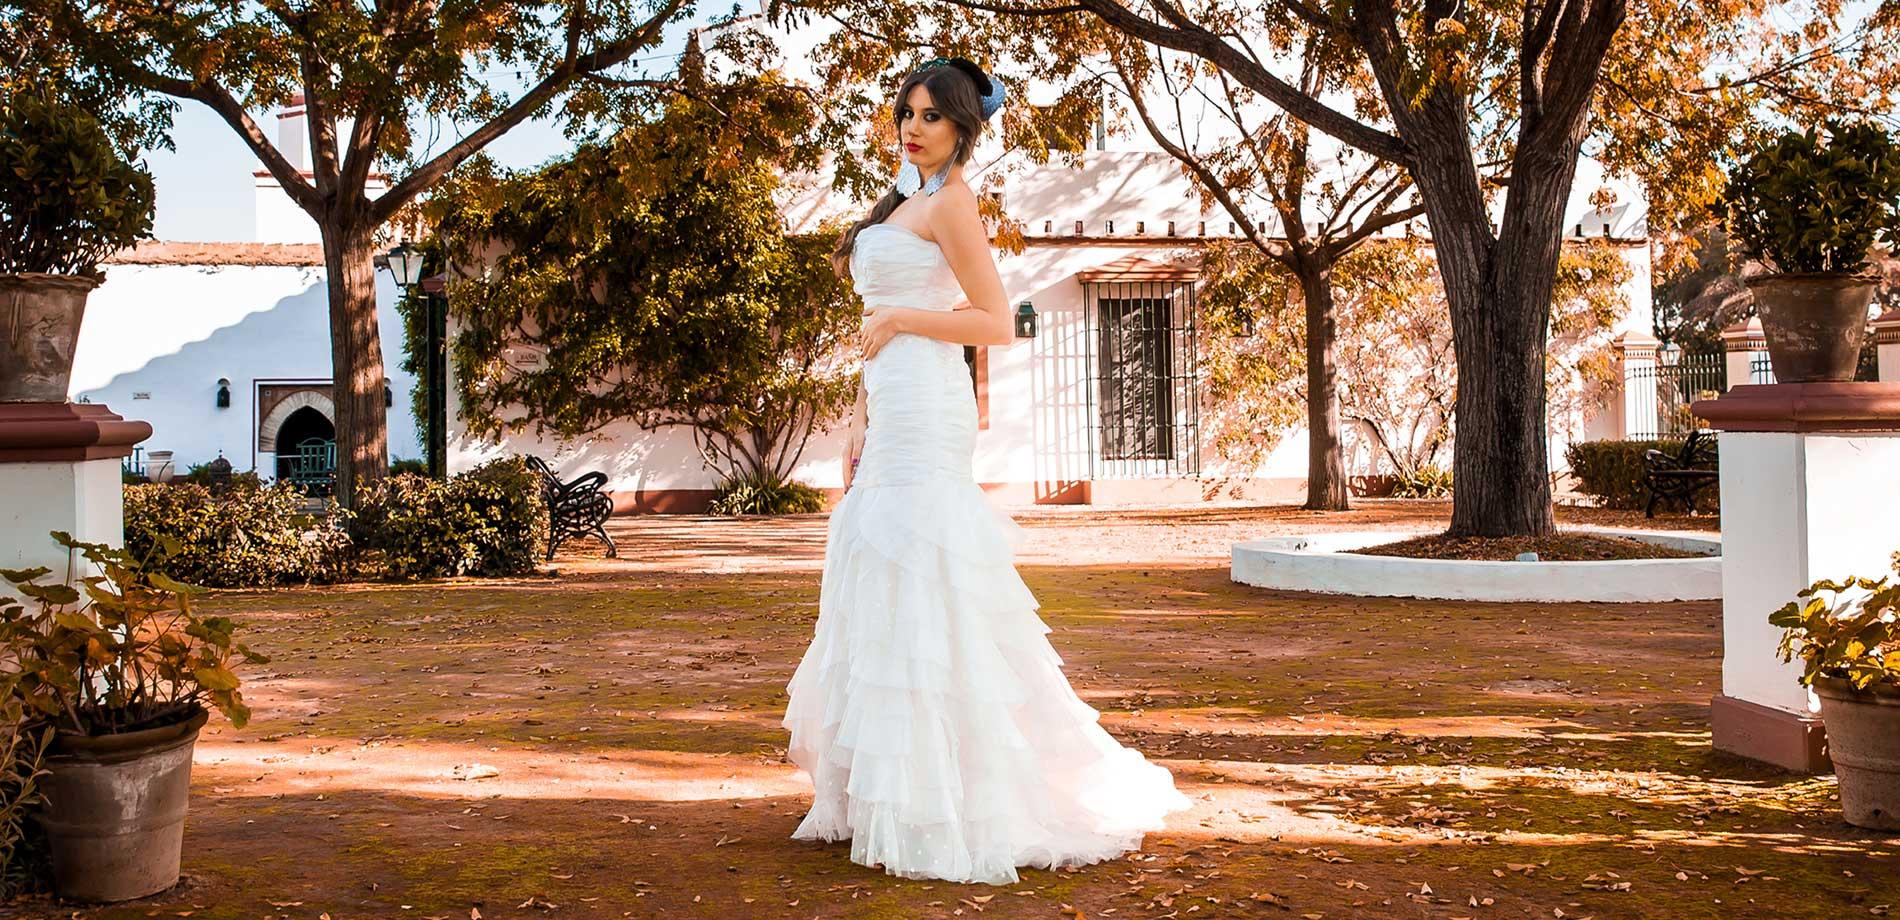 Novia en exterior de hacienda de bodas